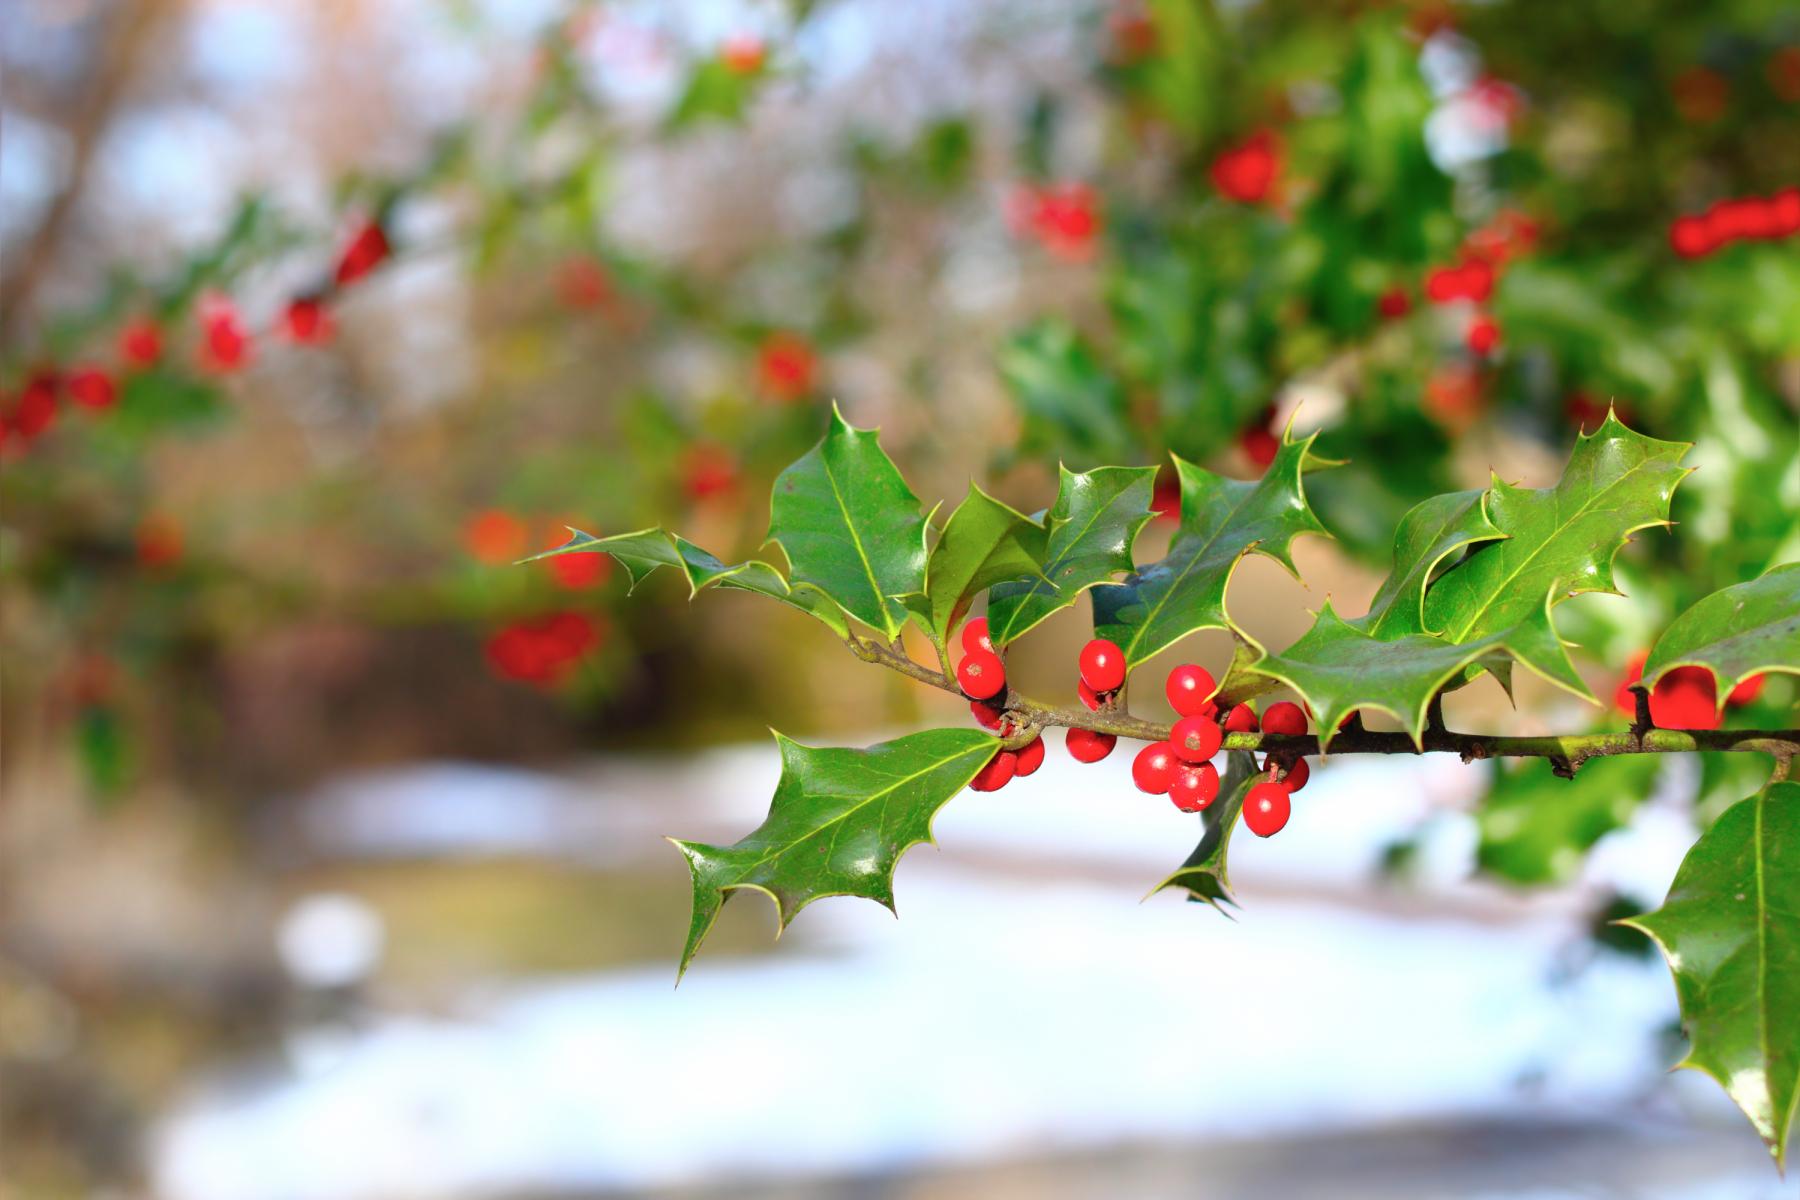 Stive, eviggrønne blad med pigger i ytterkanten. Røde bær.